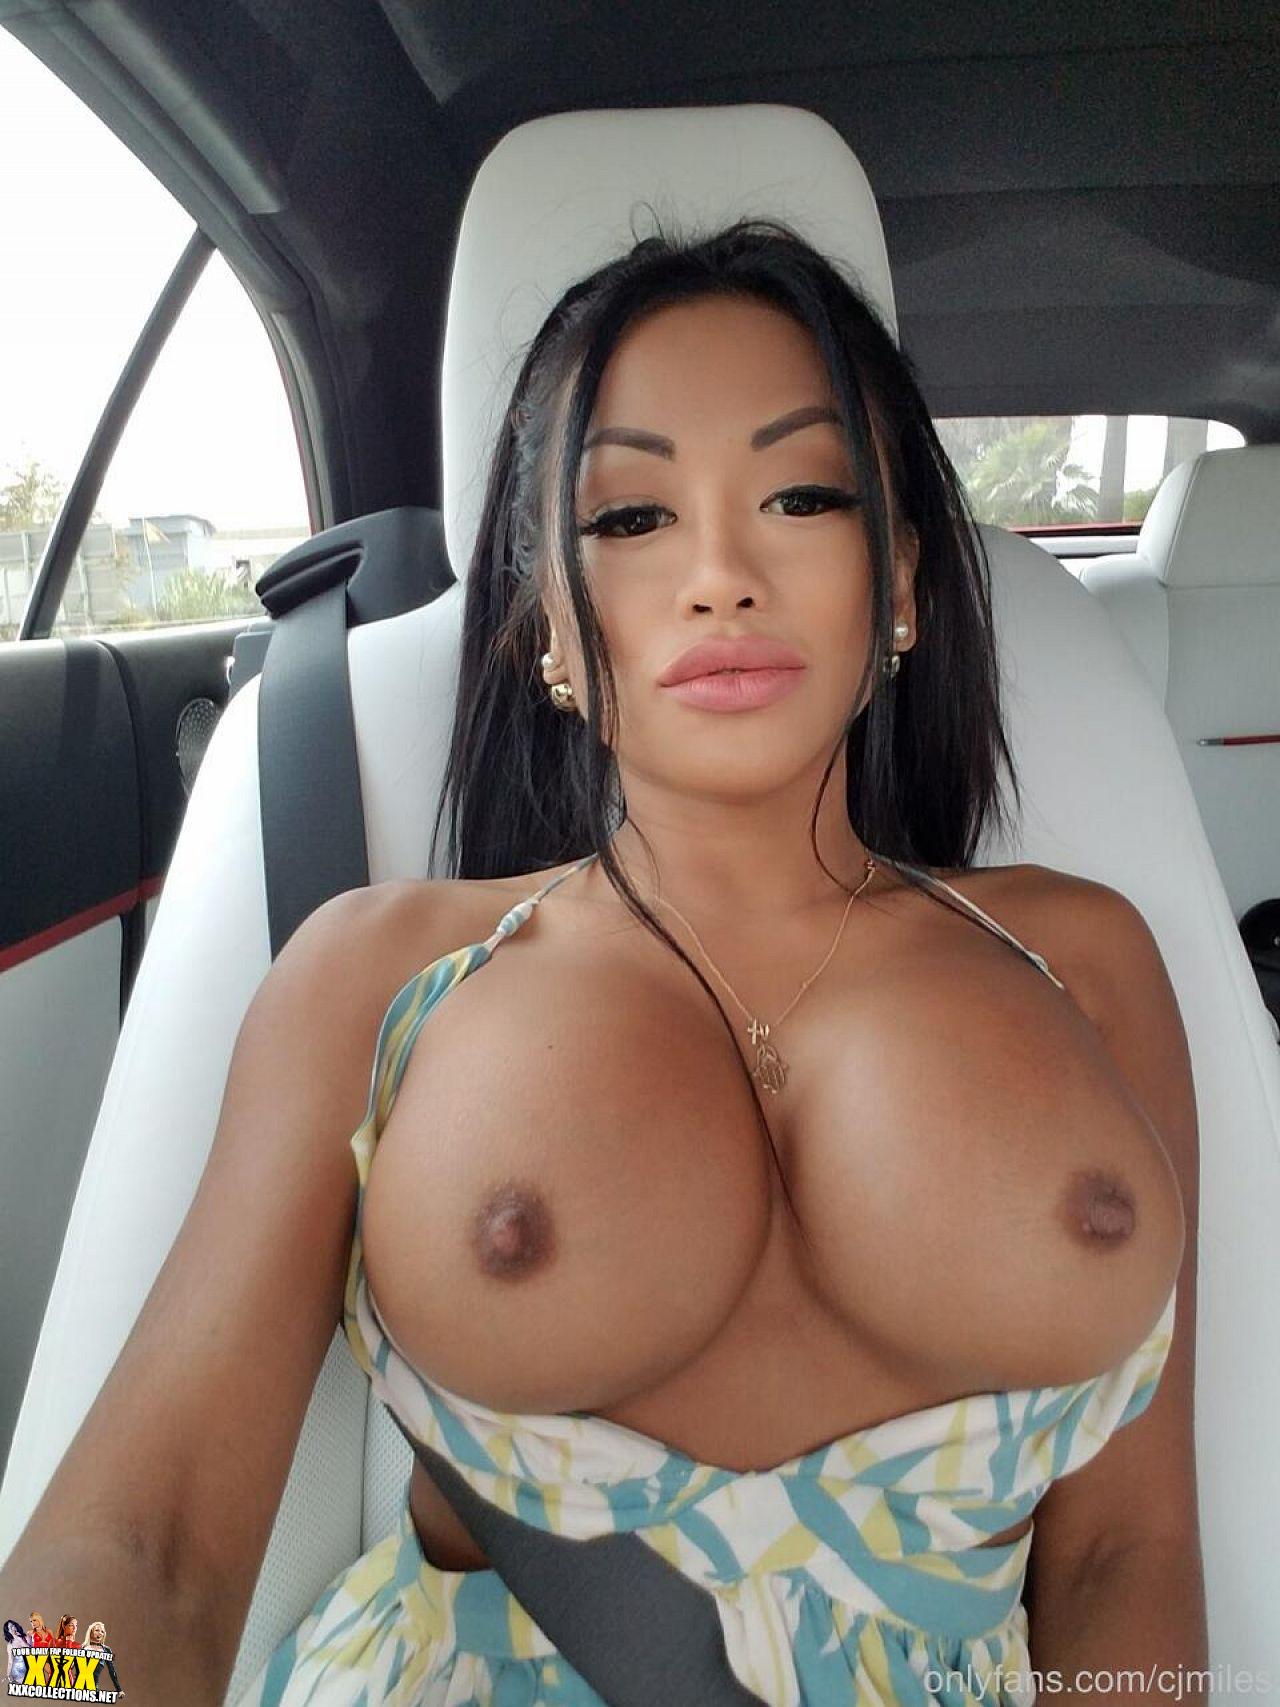 Actiongirls cj miles cep lingerie blakcock yes porn pics XXX